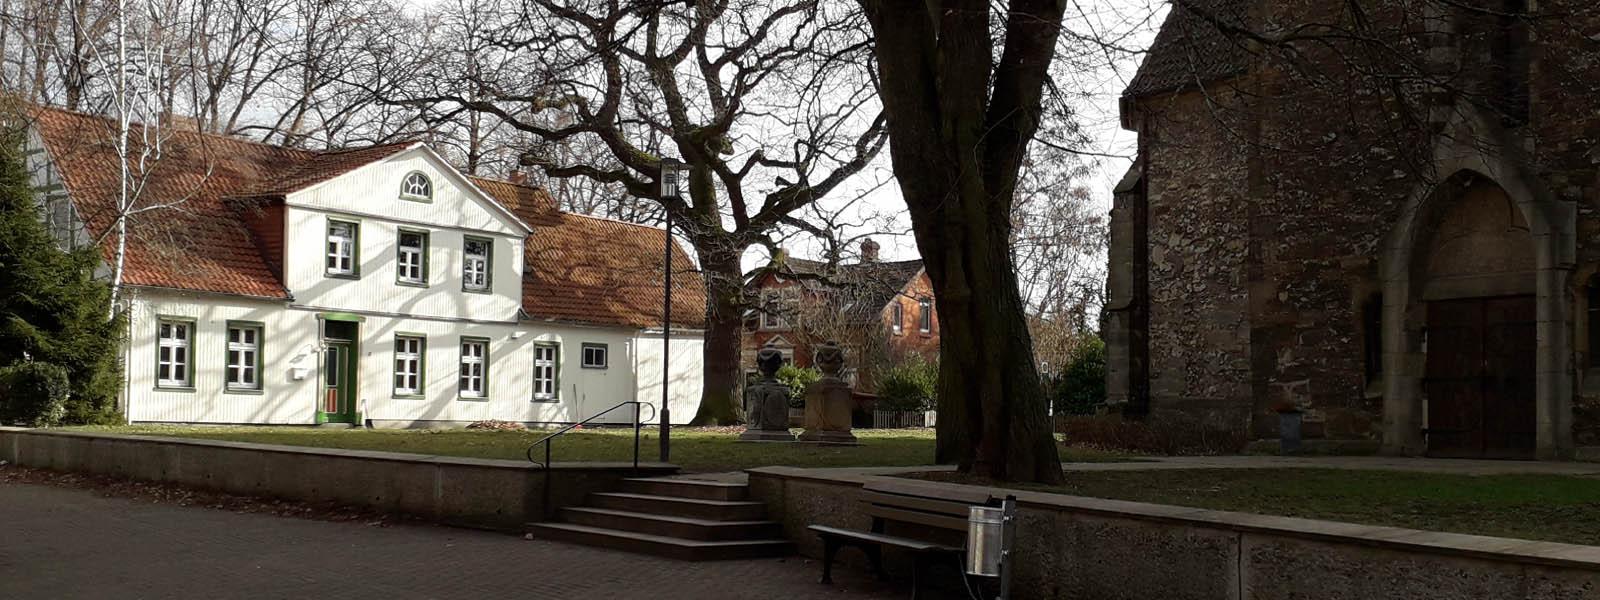 STUDIO GUDRUN BÄR Studio on Tour – in Hannover/Sarstedt